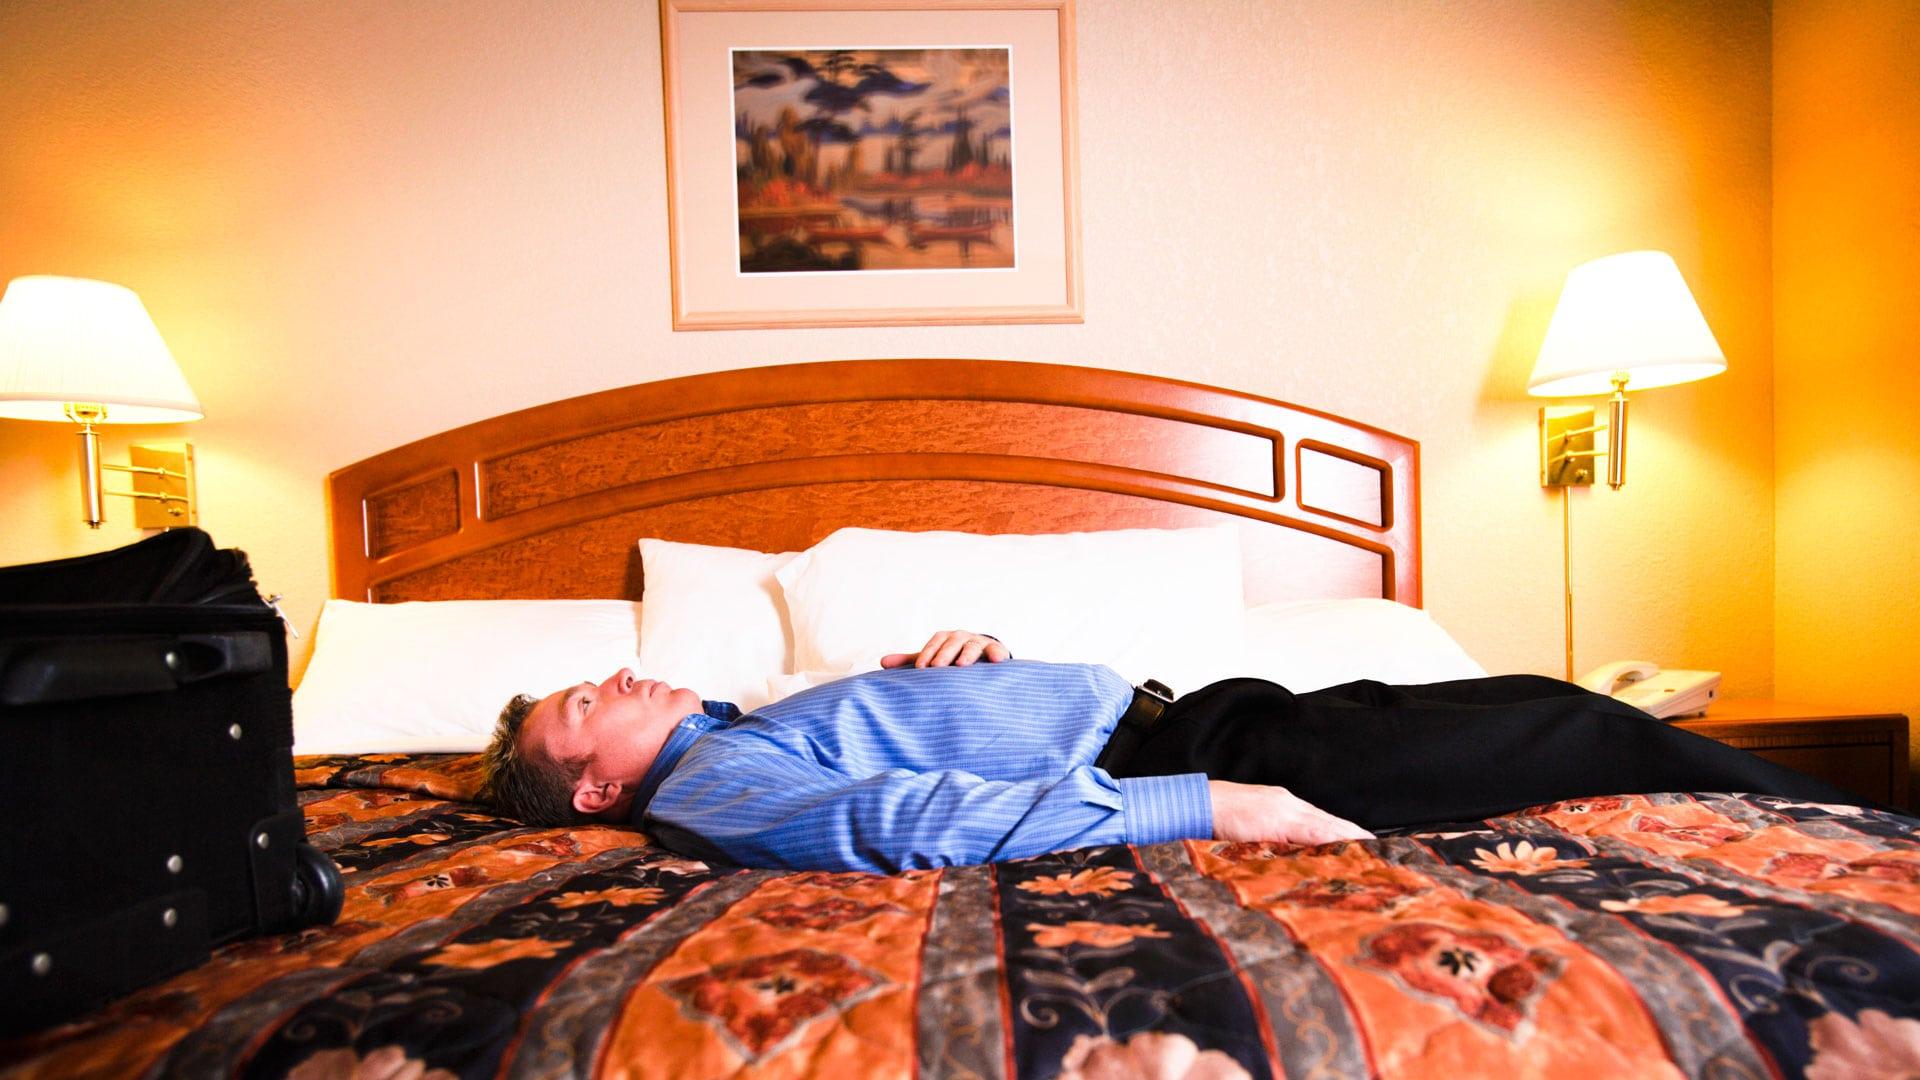 Avoiding Jet Lag Man On Hotel Bed